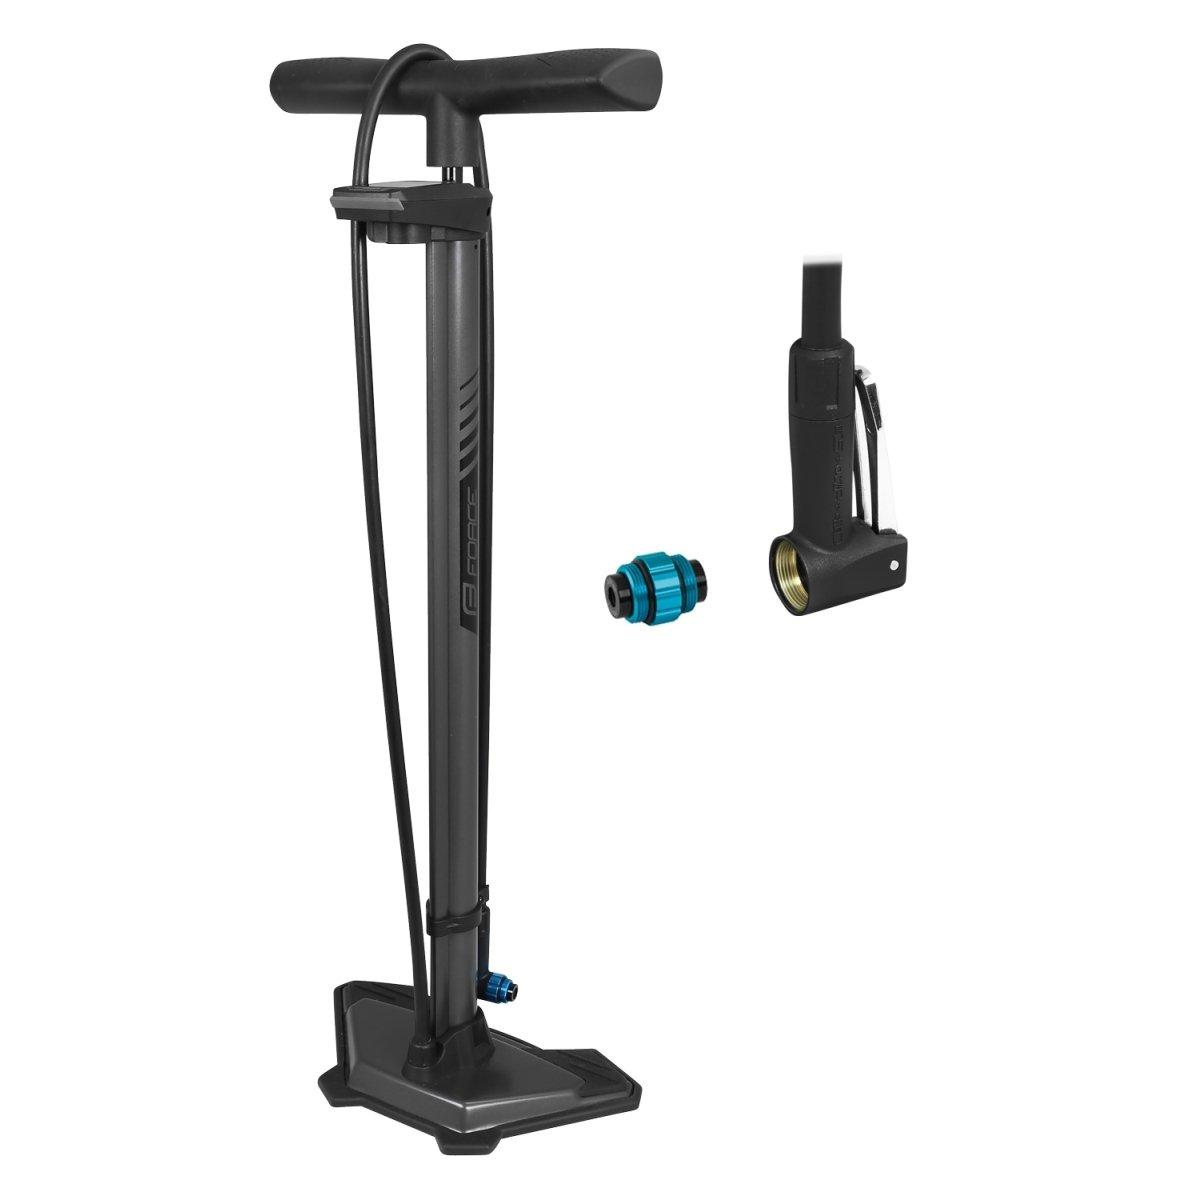 Force Root fodpumpe 12,5 bar Digital manometer | Fodpumper